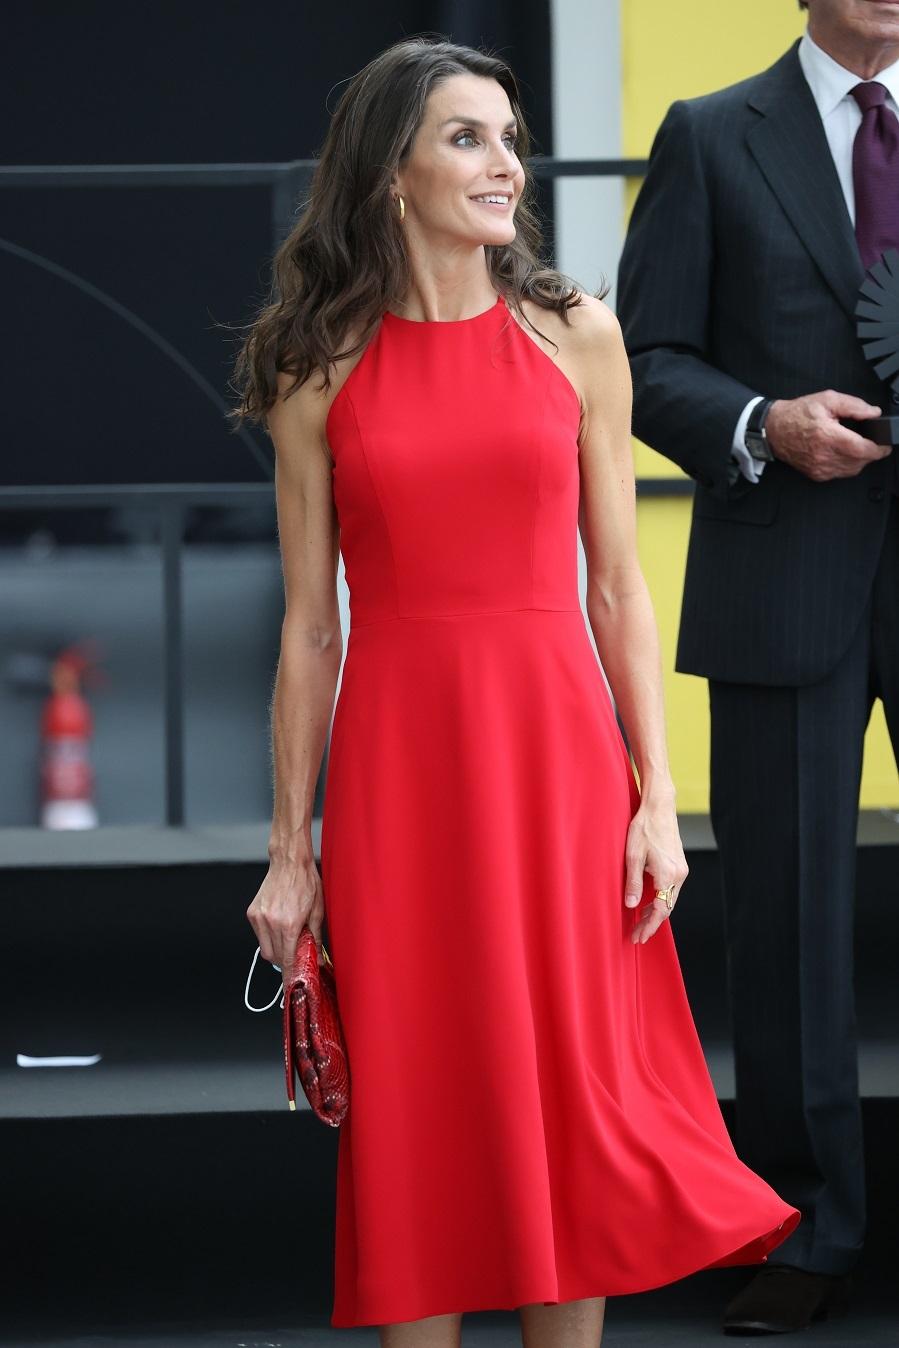 """La Reina Letizia ha vuelto al rojo, uno de sus colores fetiches, <a href=""""https://www.elmundo.es/album/yodona/moda/2017/05/30/592d5877268e3e44738b4725_1.html"""" target=""""_blank"""" rel=""""nofollow"""">al que recurrió por última vez el 19 de junio de 2020 </a> para la reapertura del museo del Prado tras la pandemia del coronavirus. En esta ocasión ha vuelto a revisar su armario y ha elegido este vestido de corte lady y con cuello halter de diseñador desconocido que estrenó en Mallorca en 2019 y que volvió a utilizar en el primer día de su visita oficial a <a href=""""https://www.elmundo.es/album/yodona/moda/2020/02/27/5e57b5e0fdddffaf7a8b4746_17.html"""" target=""""_blank"""">Cuba en noviembre de  ese mismo año. </a>"""